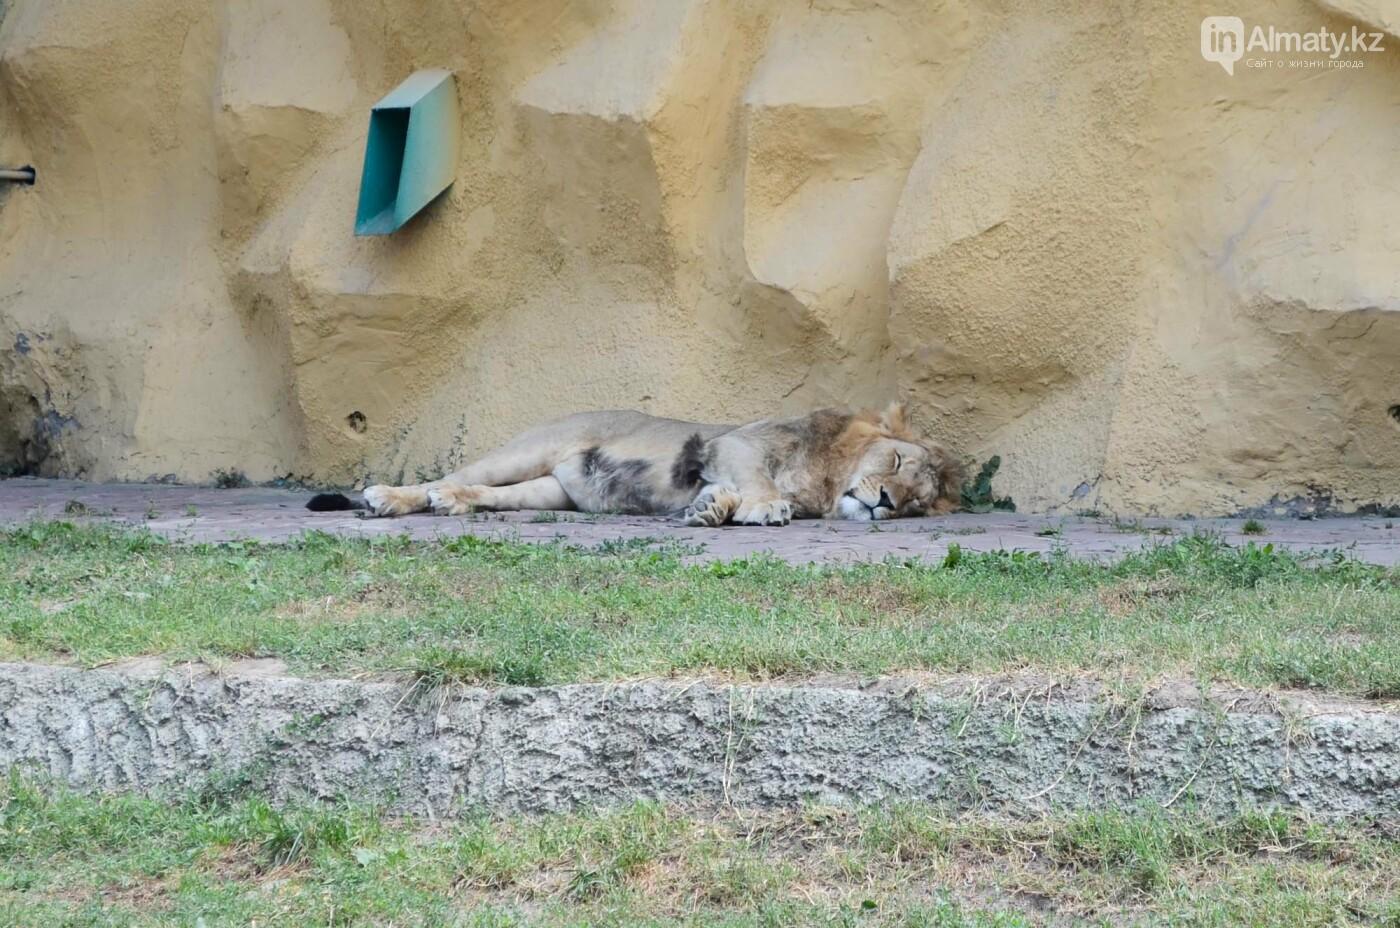 Недостатки ветеринарии и трагические совпадения: В Алматинском зоопарке рассказали причины смерти животных, фото-2